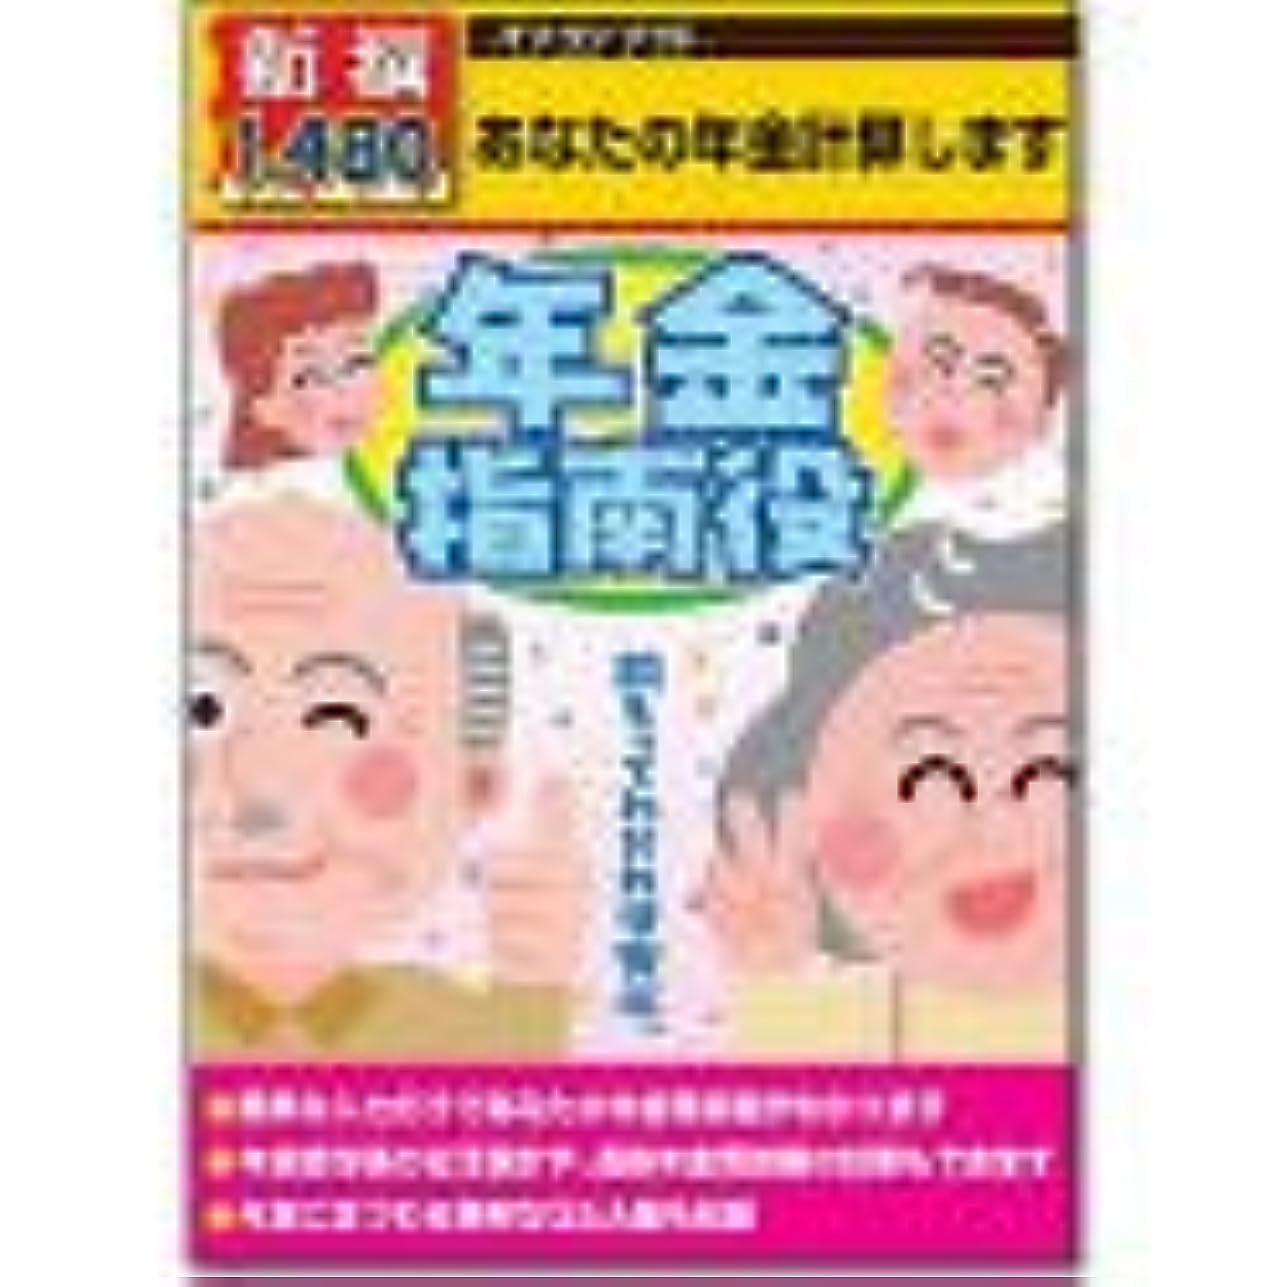 伝導率従事した図新撰1480円 年金指南役